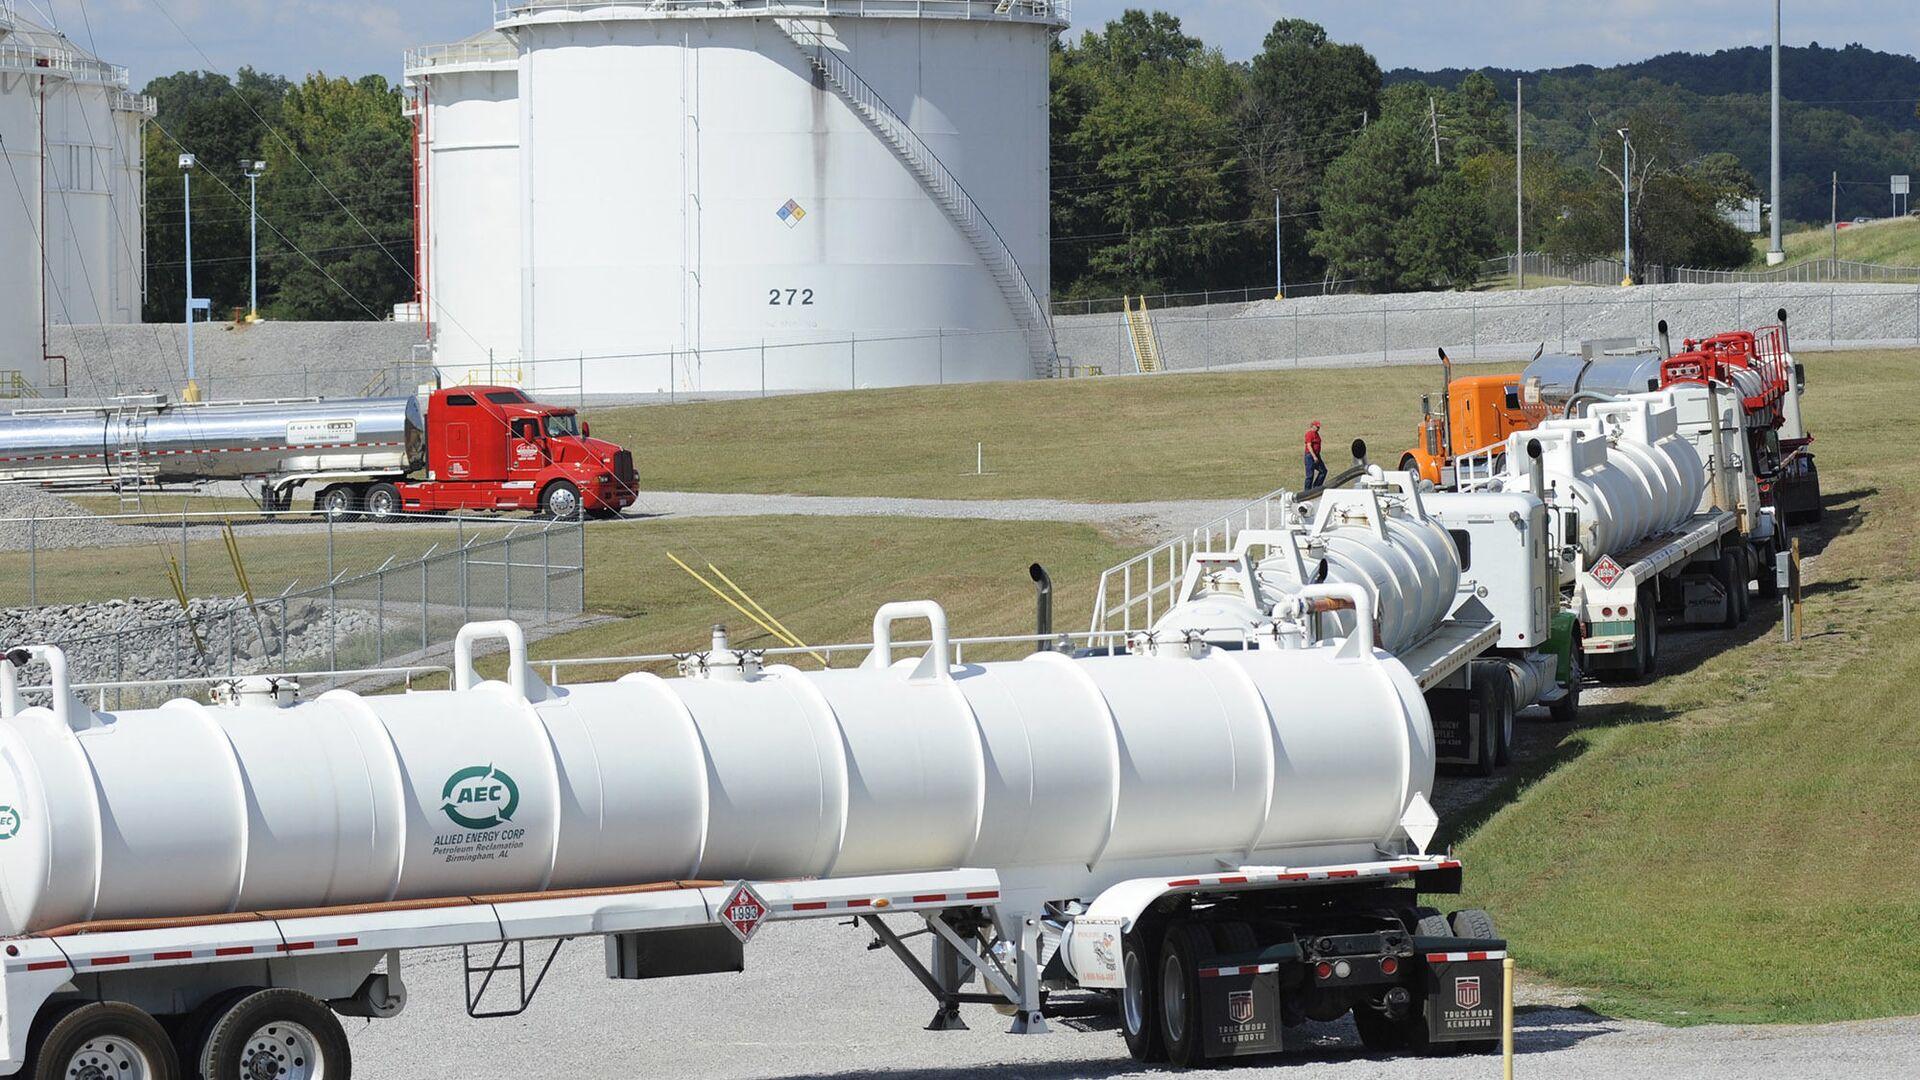 Xe bồn tại cơ sở Đường ống Thuộc địa ở Pelham, Alabama - Sputnik Việt Nam, 1920, 11.05.2021